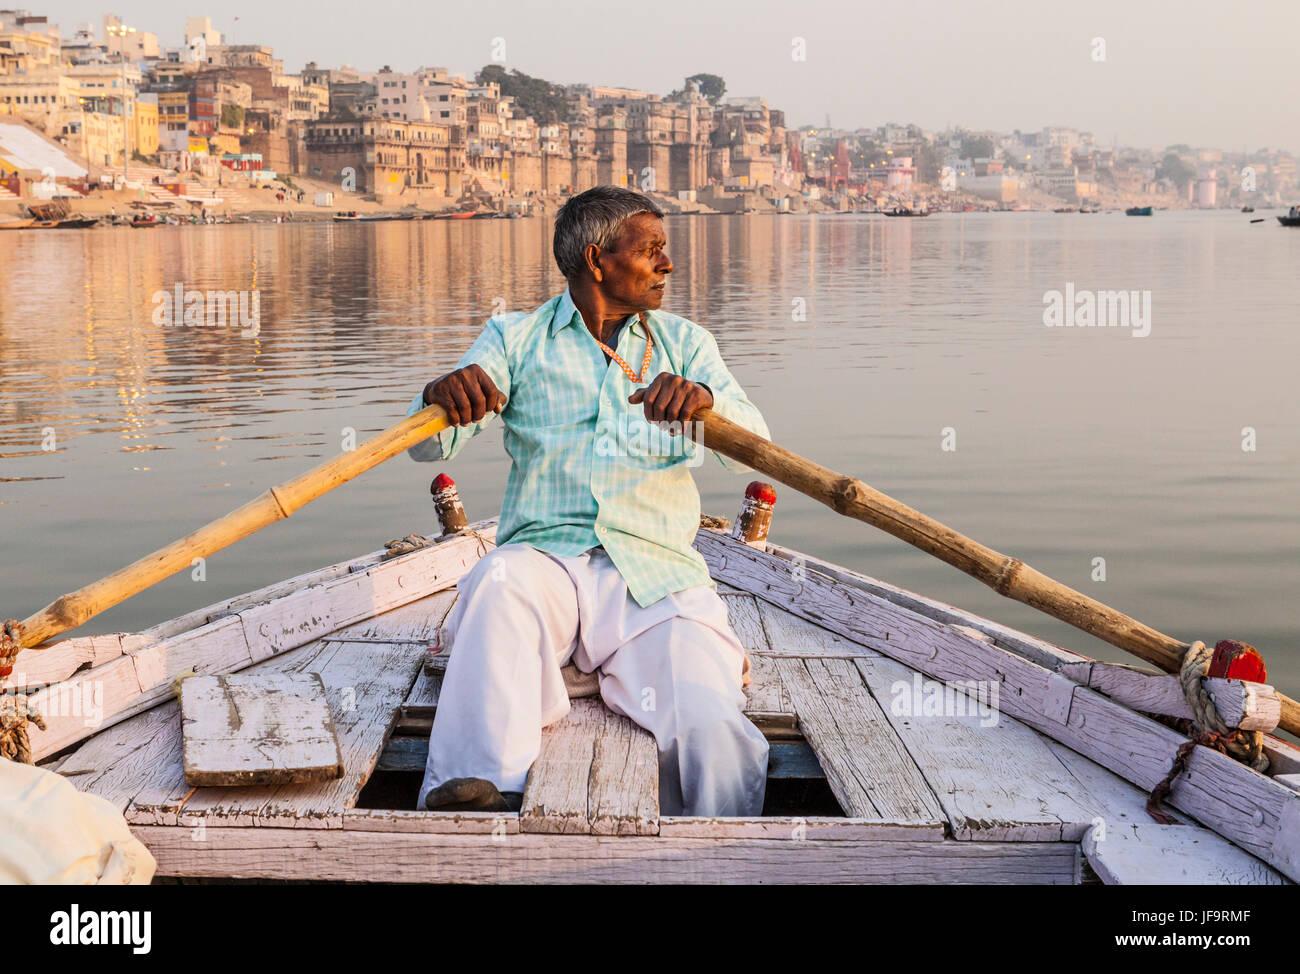 Un hombre de origen indio remando un bote para excursiones en el río Ganges, Varanasi, India. Imagen De Stock